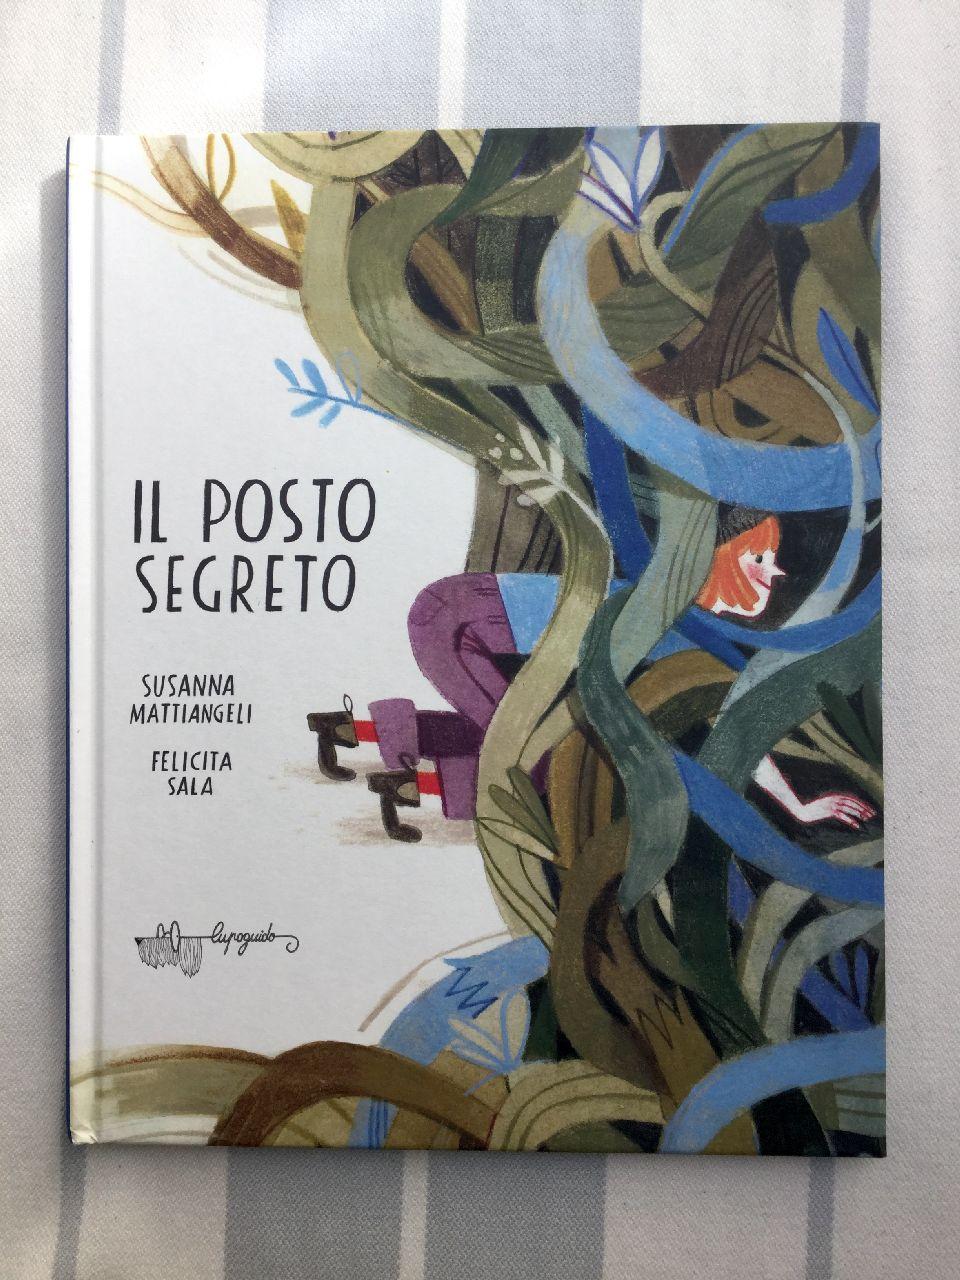 Susanna Mattiangeli - Felicita Sala, Il posto segreto, Lupo Guido